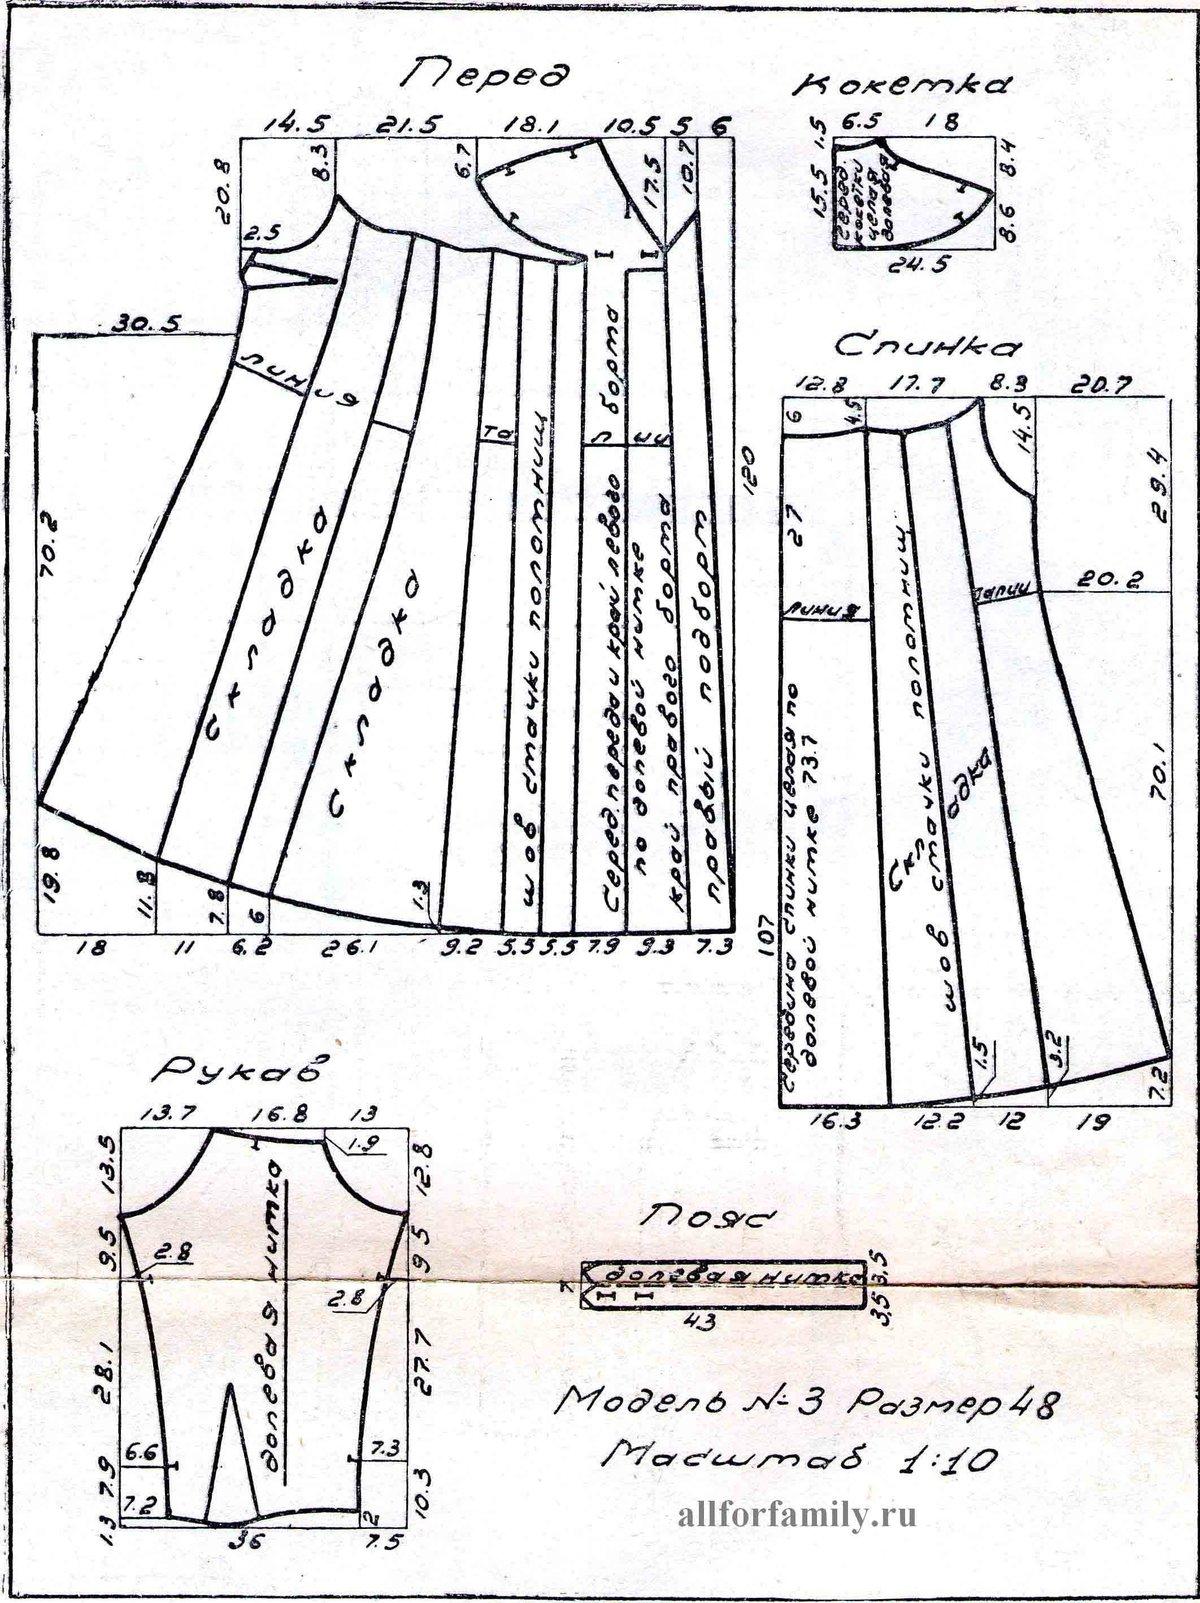 Платья для беременных своими руками : фасоны, выкройки. Как сшить самой